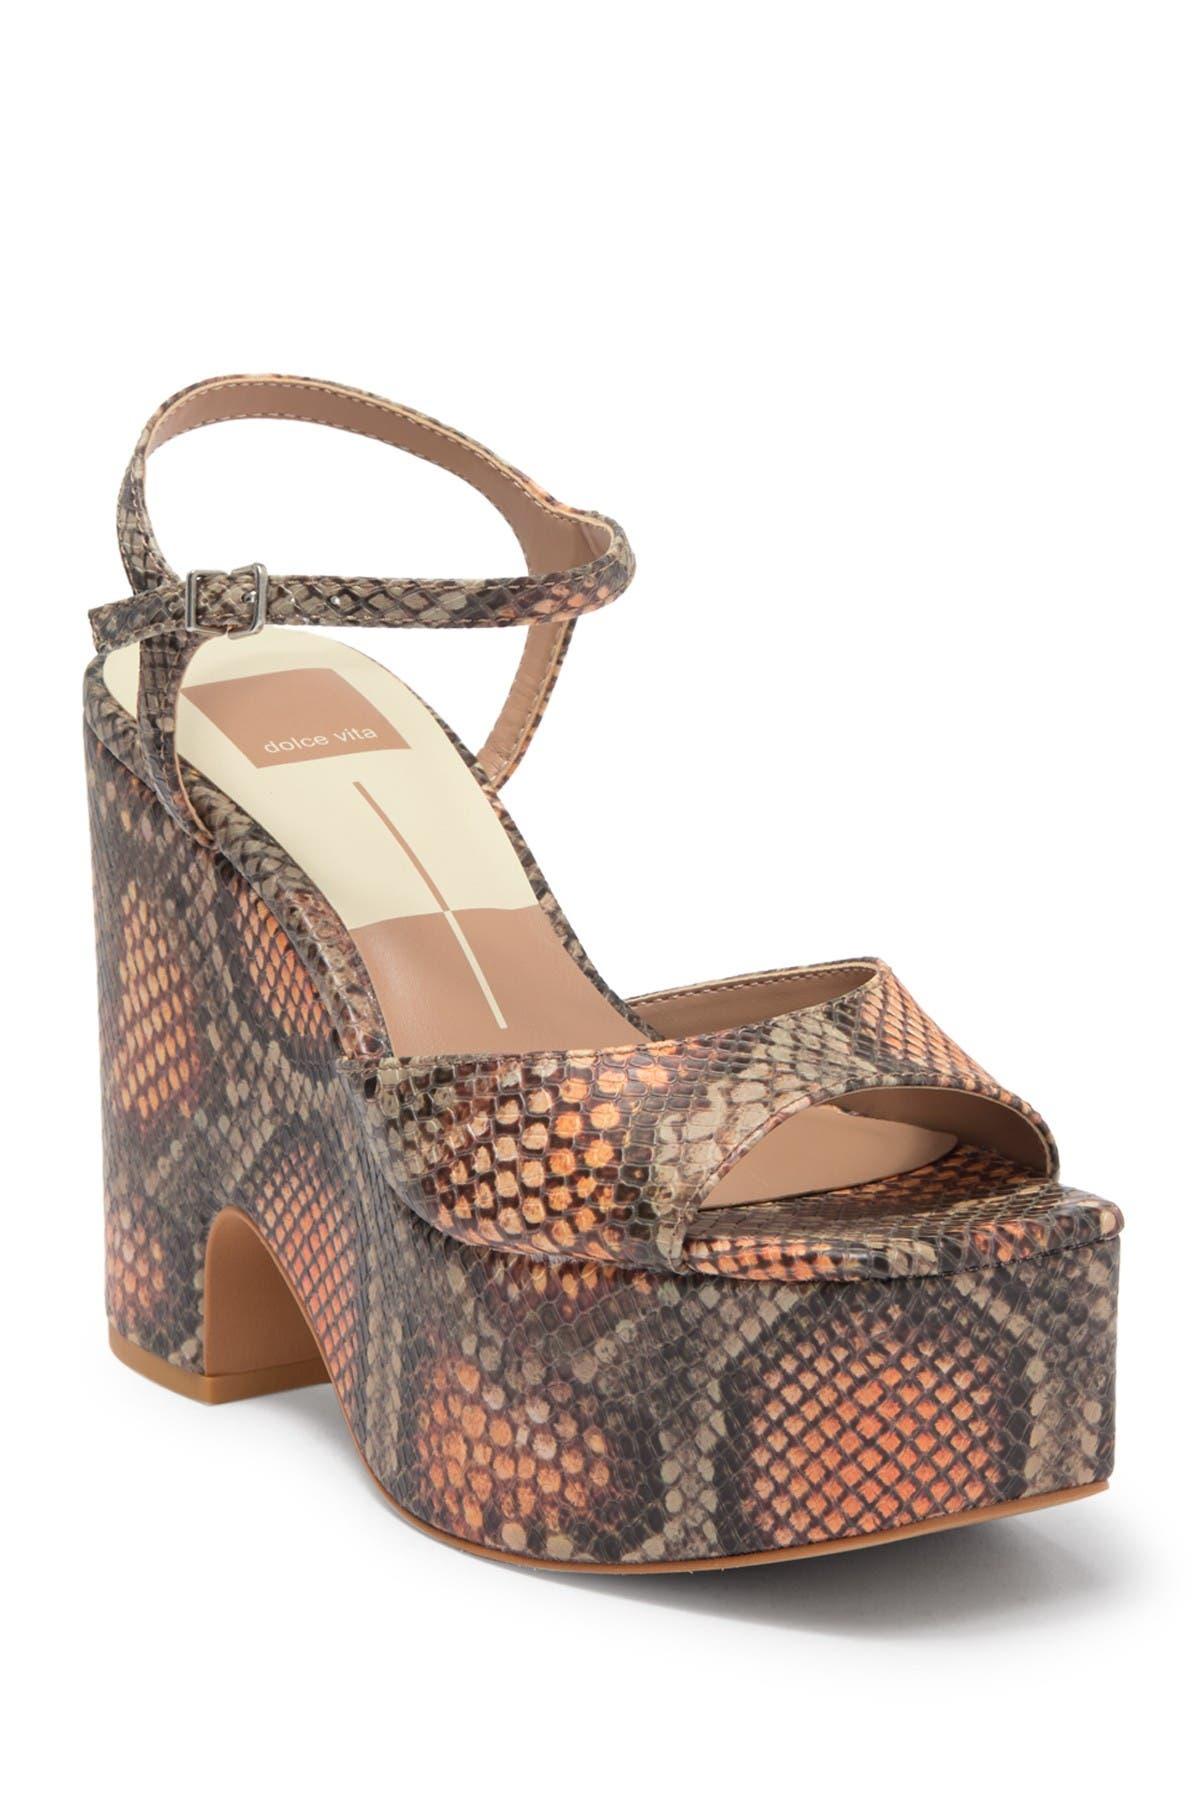 Image of Dolce Vita Porcha Embossed Platform Sandal